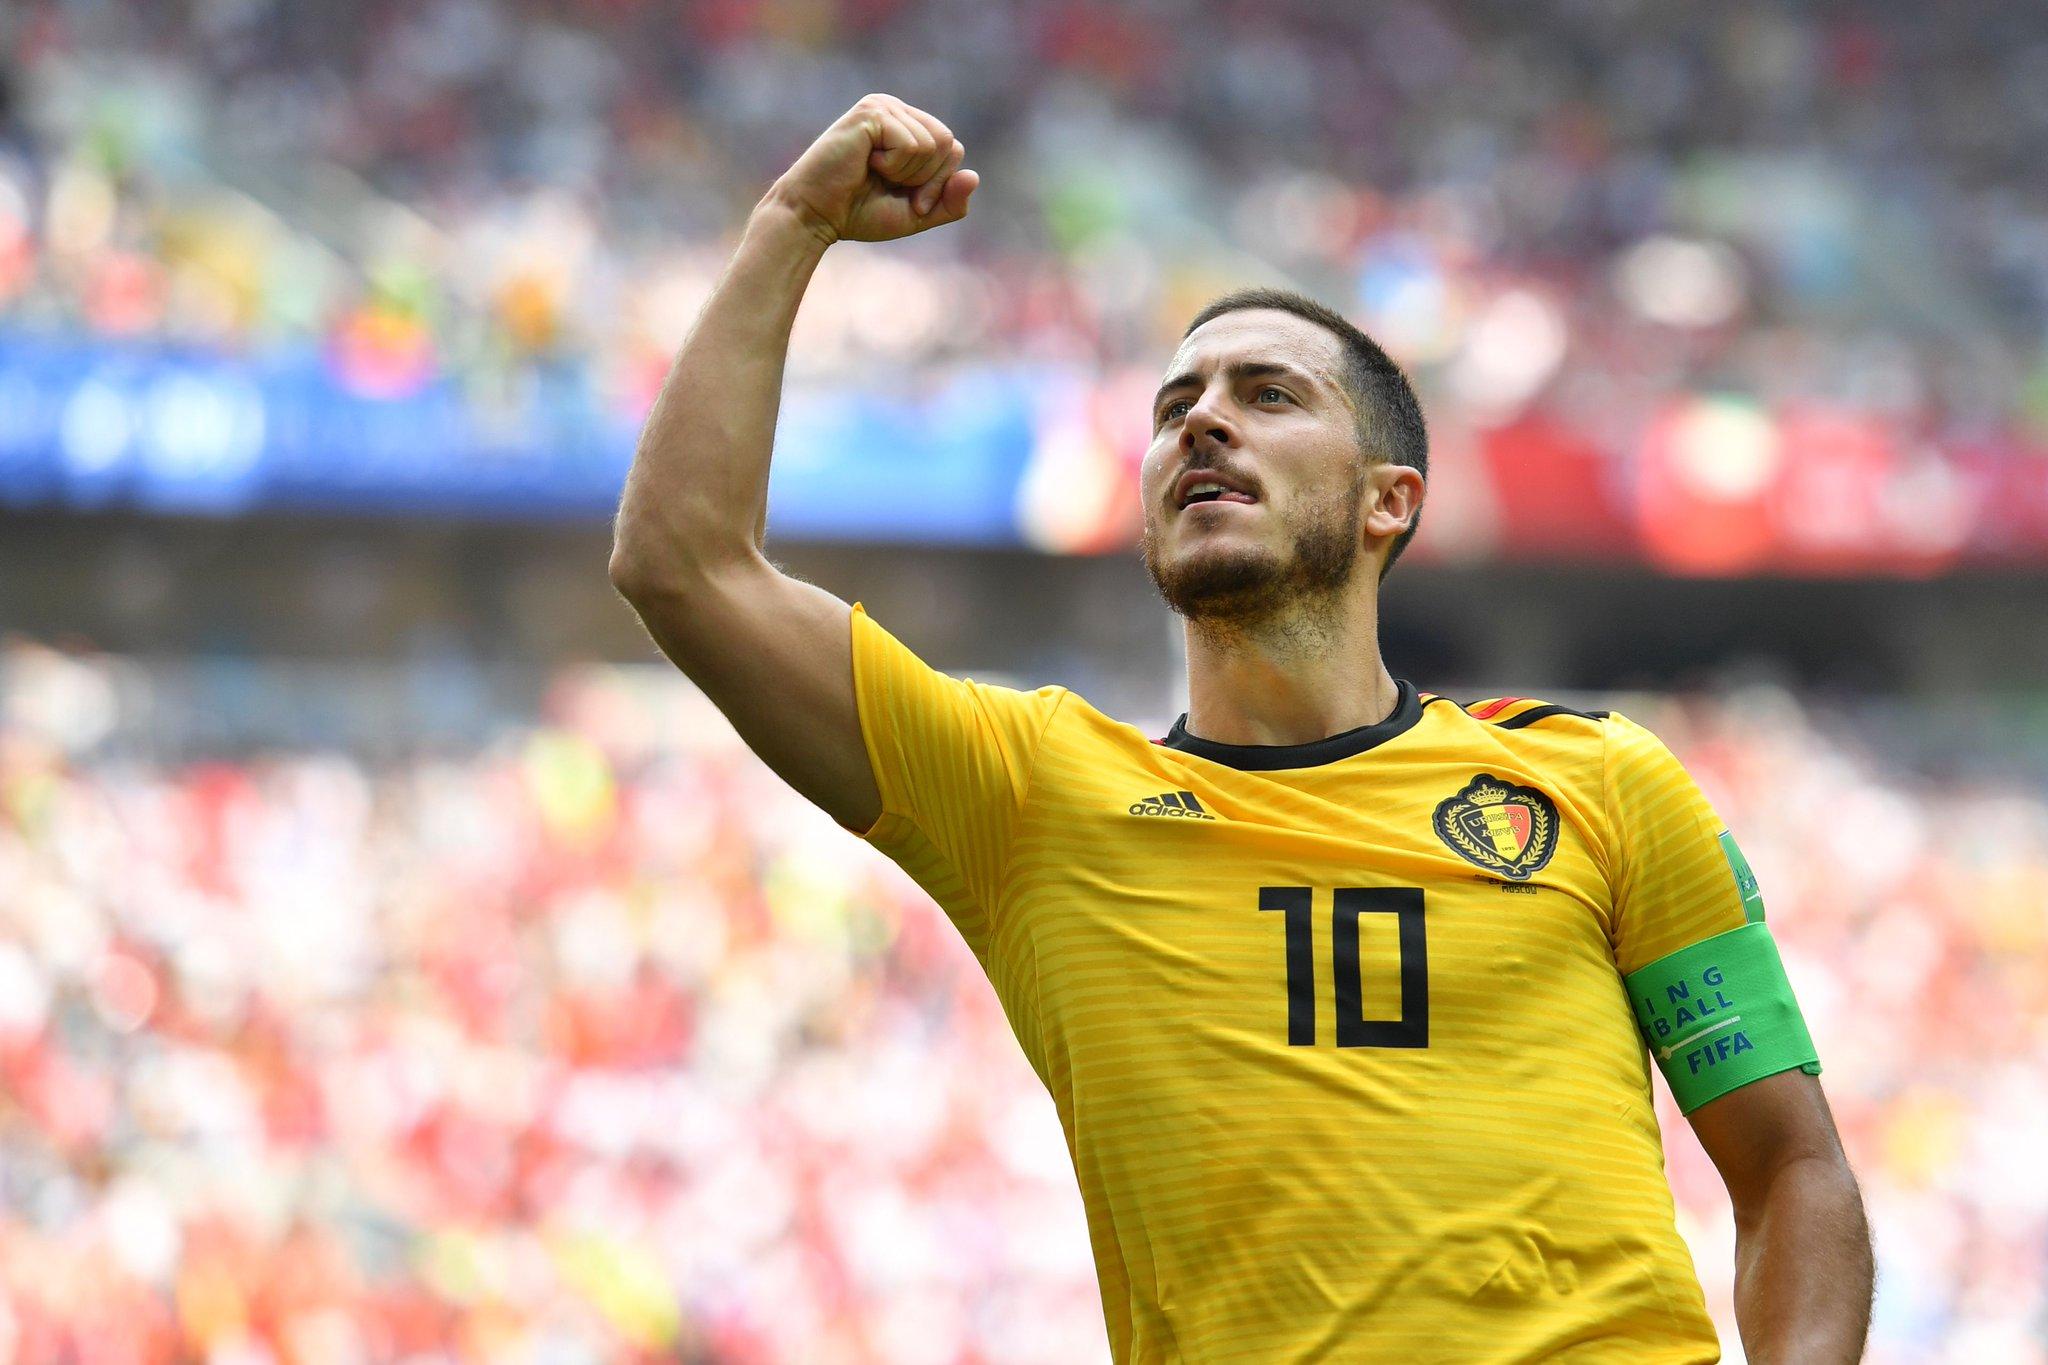 هدف بلجيكا الرابع في مرمى تونس